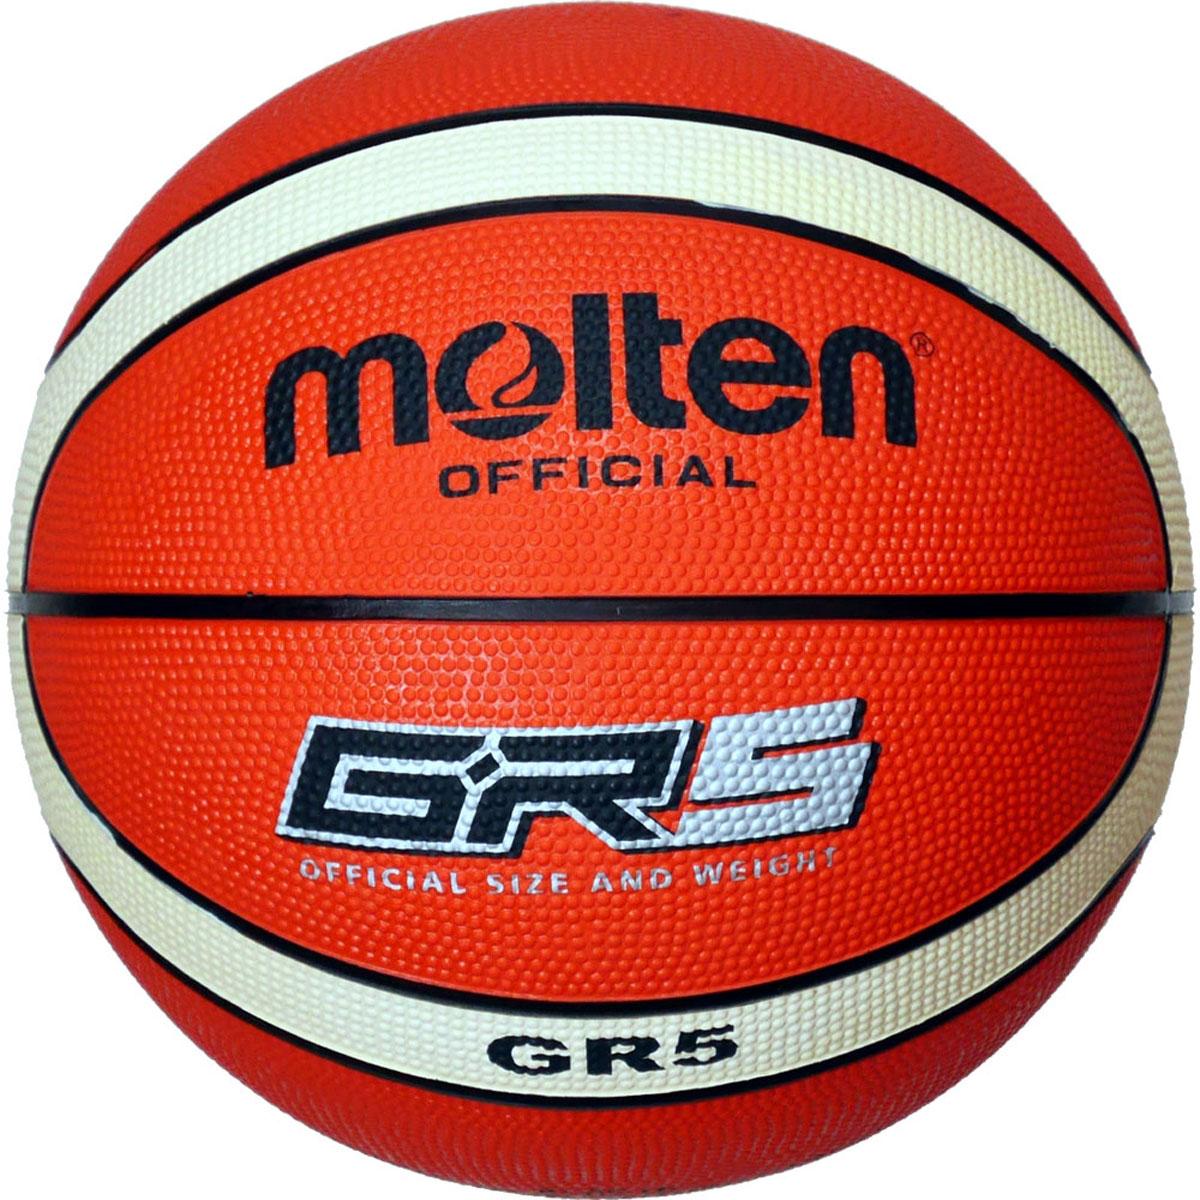 Мяч баскетбольный Molten. Размер 5. BGR5-OIBGR5-OIЛюбительский мяч в эксклюзивном 12-панельном дизайне MOLTEN. Износостойкая резина, бутиловая камера, армированная нейлоновой нитью.